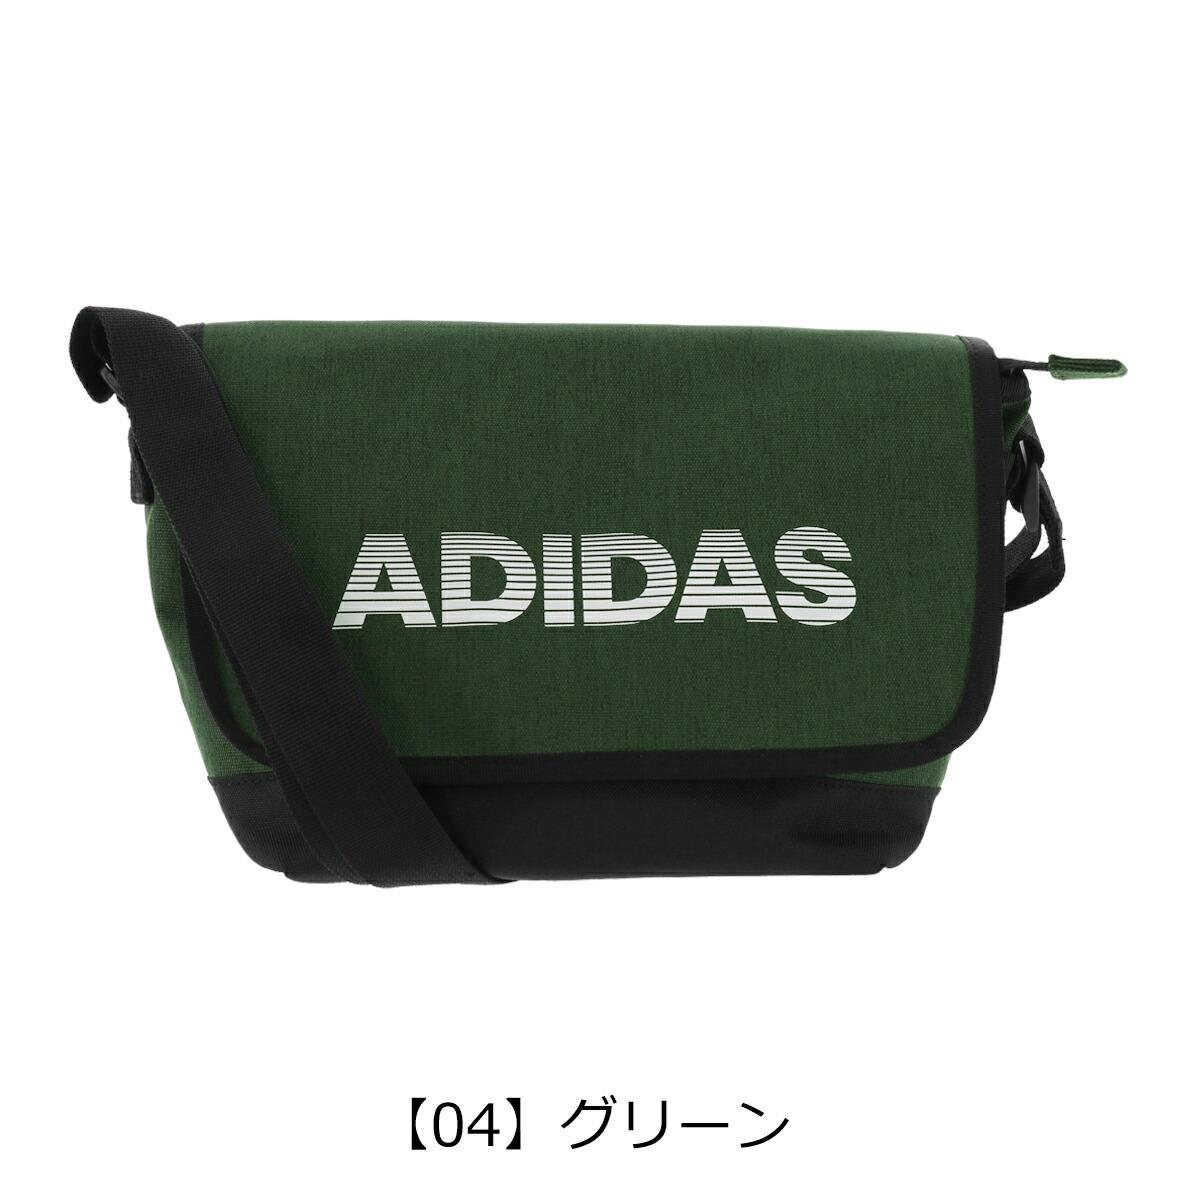 【04】カーキ